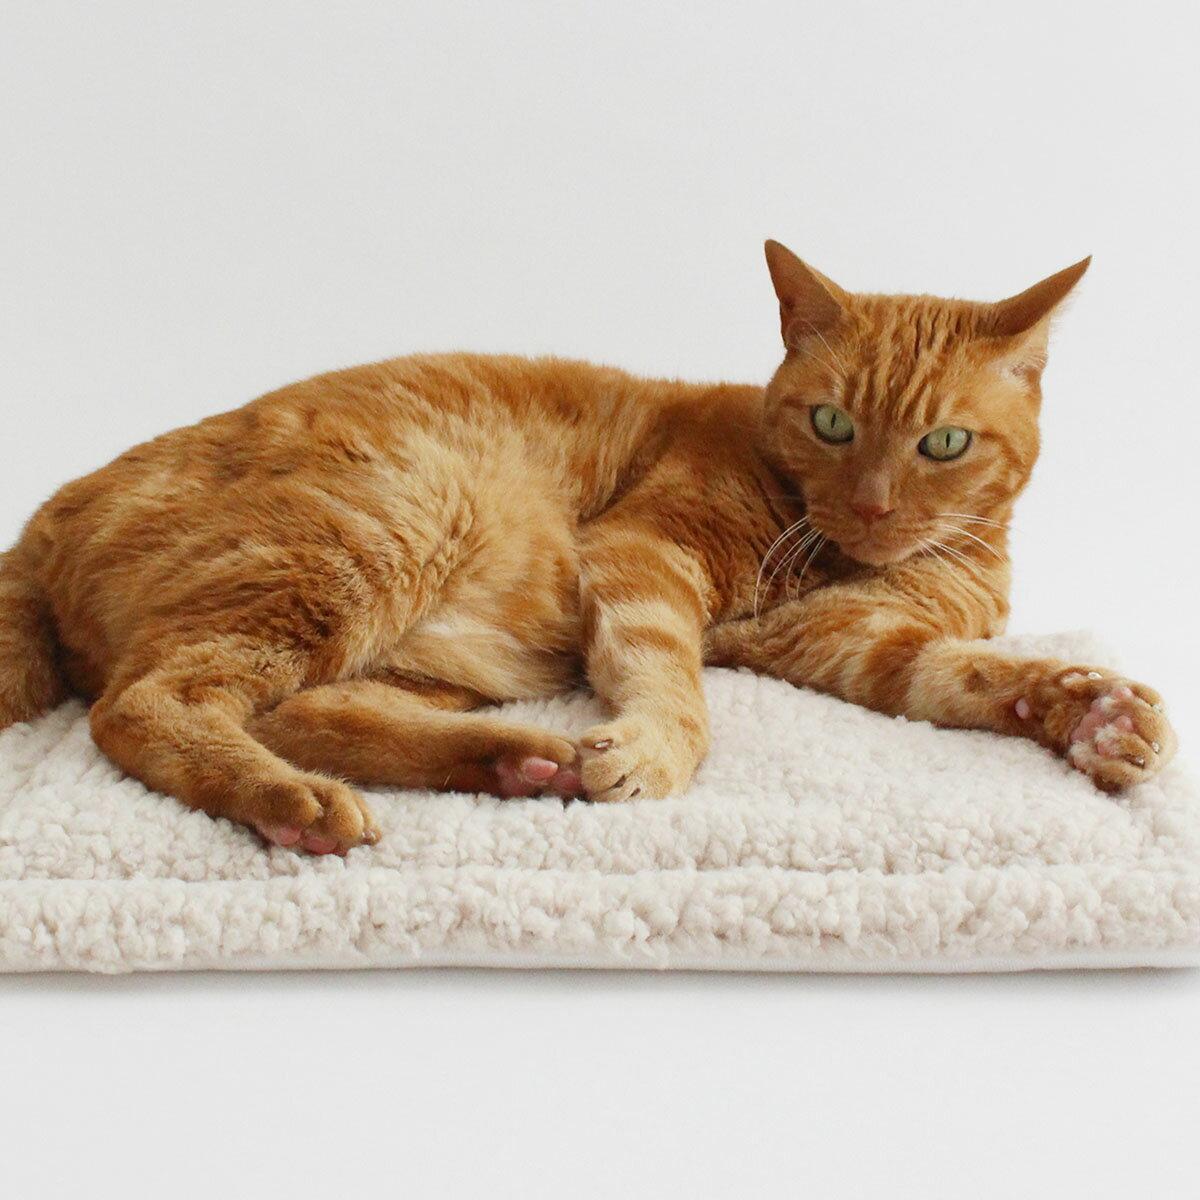 クリスマス マット 猫 猫ozabu(おざぶ) シープボア